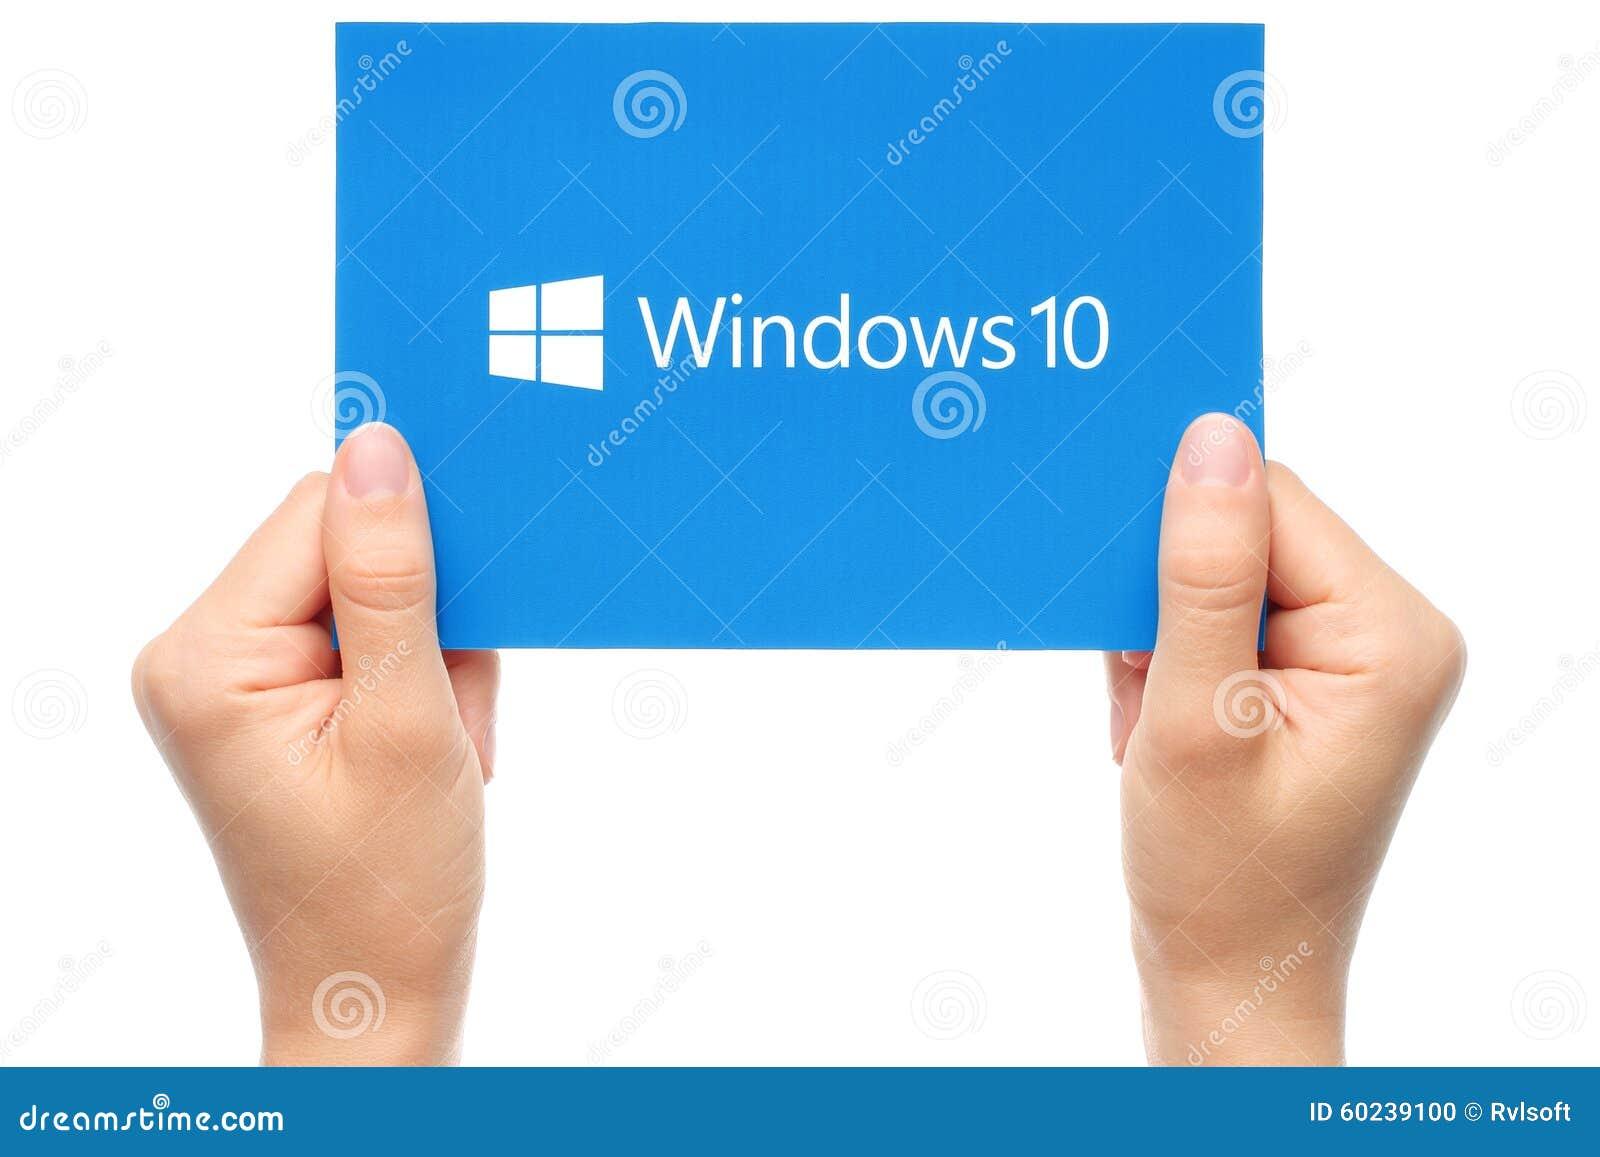 La mano lleva a cabo el logotipo de Windows 10